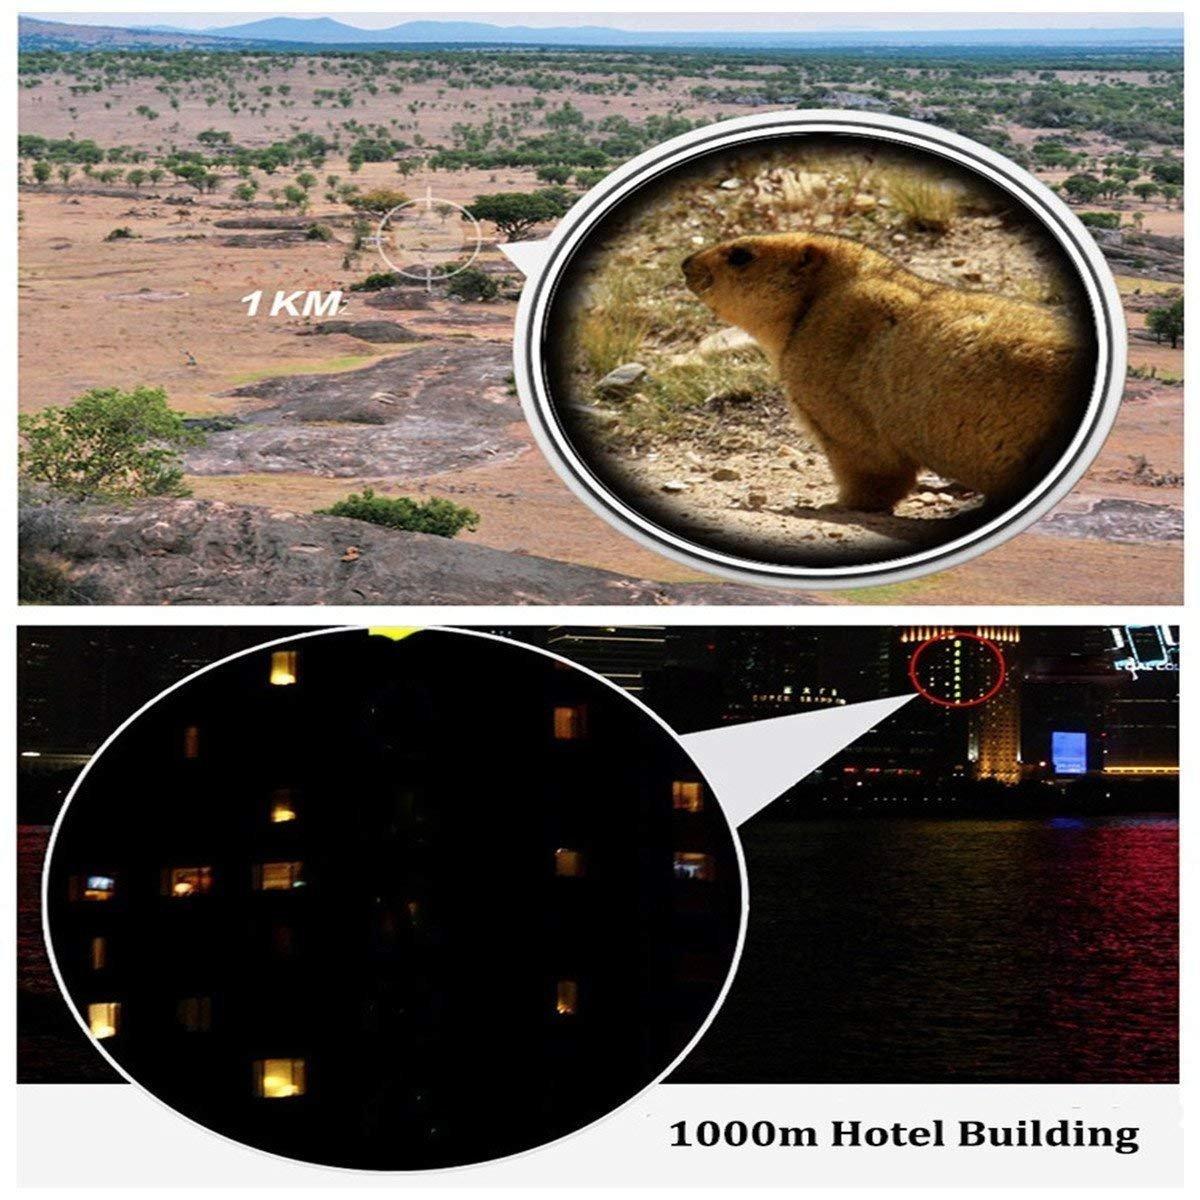 SGODDE 15-45 x 60 Zoom impermeable monocular telescopio de un solo tubo HD con tr/ípode estuche y Digiscoping adaptador Telescopio Monocular